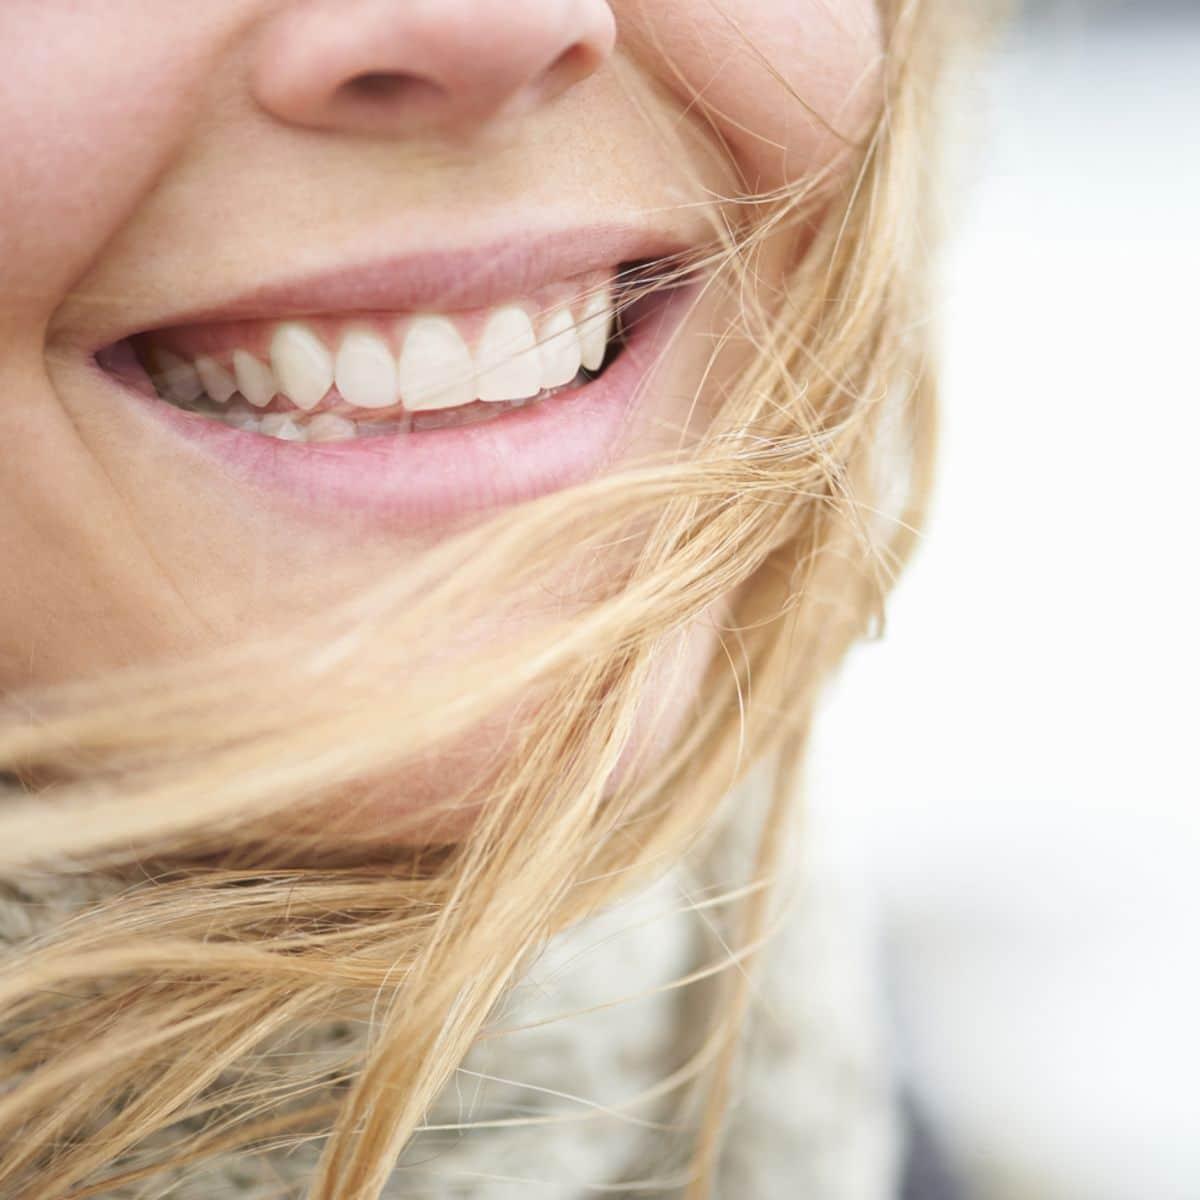 Implant dentaire : est-ce coûteux ?